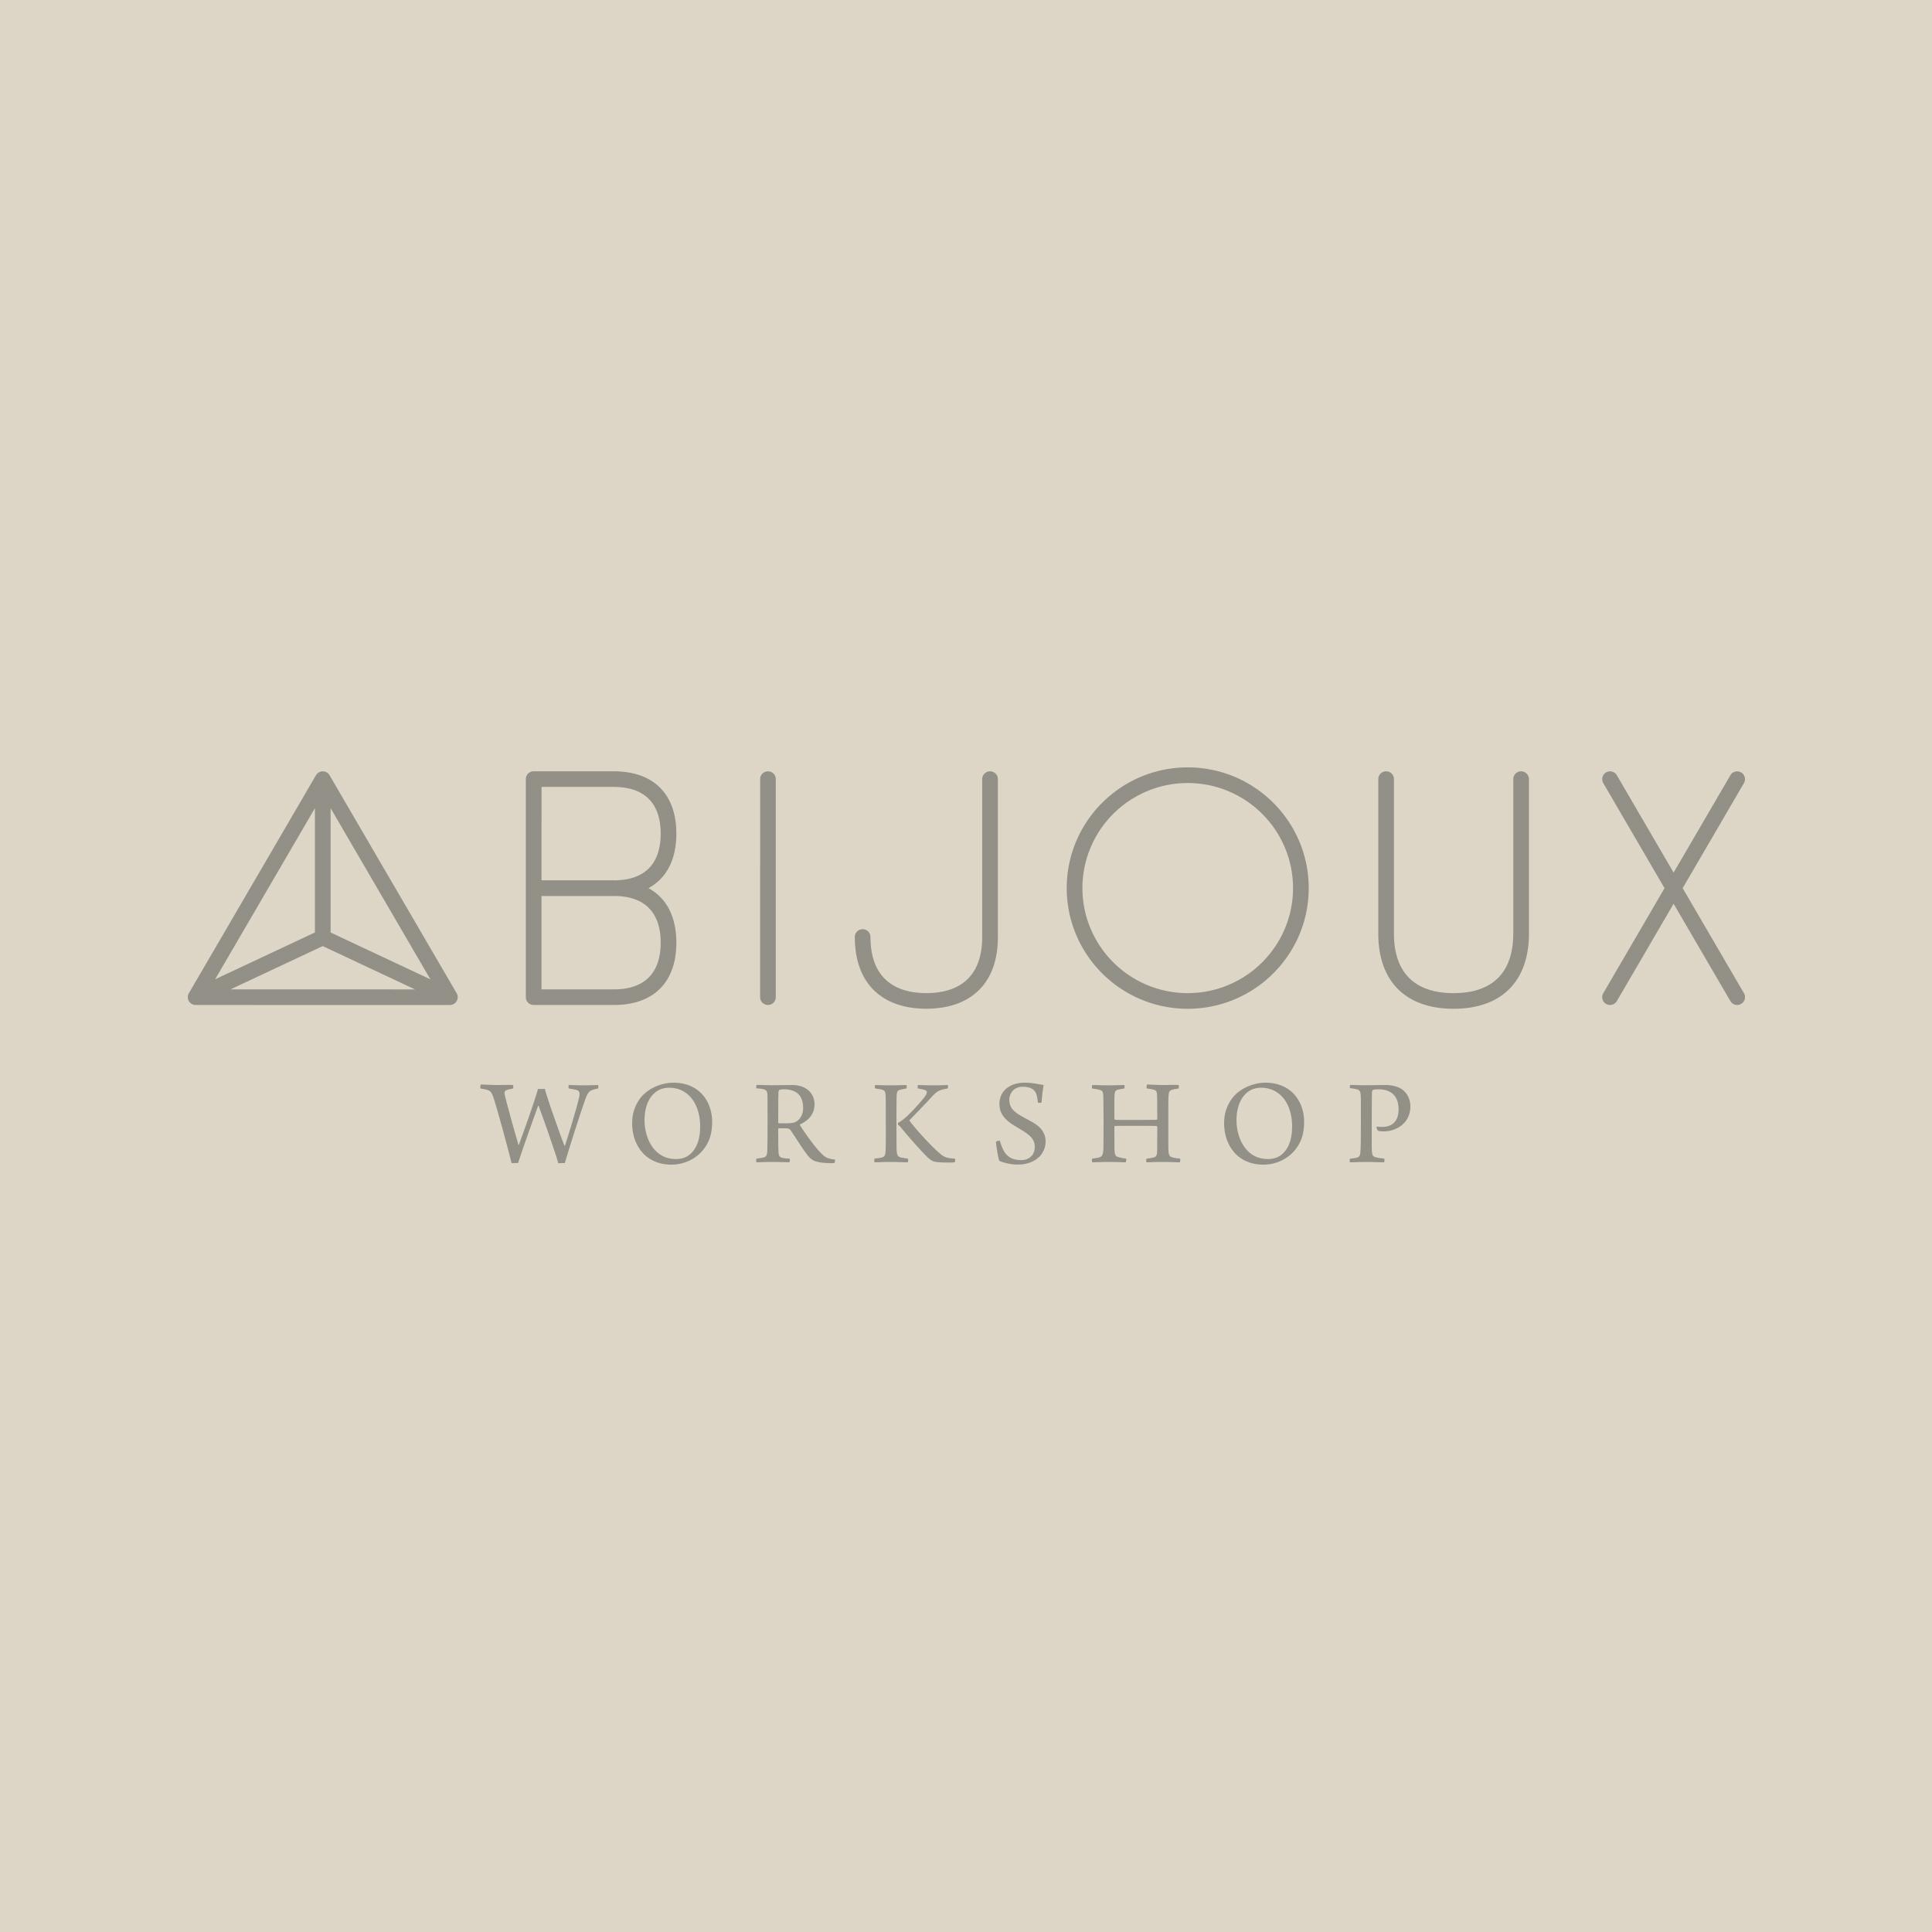 logos_0003_abijoux.jpg